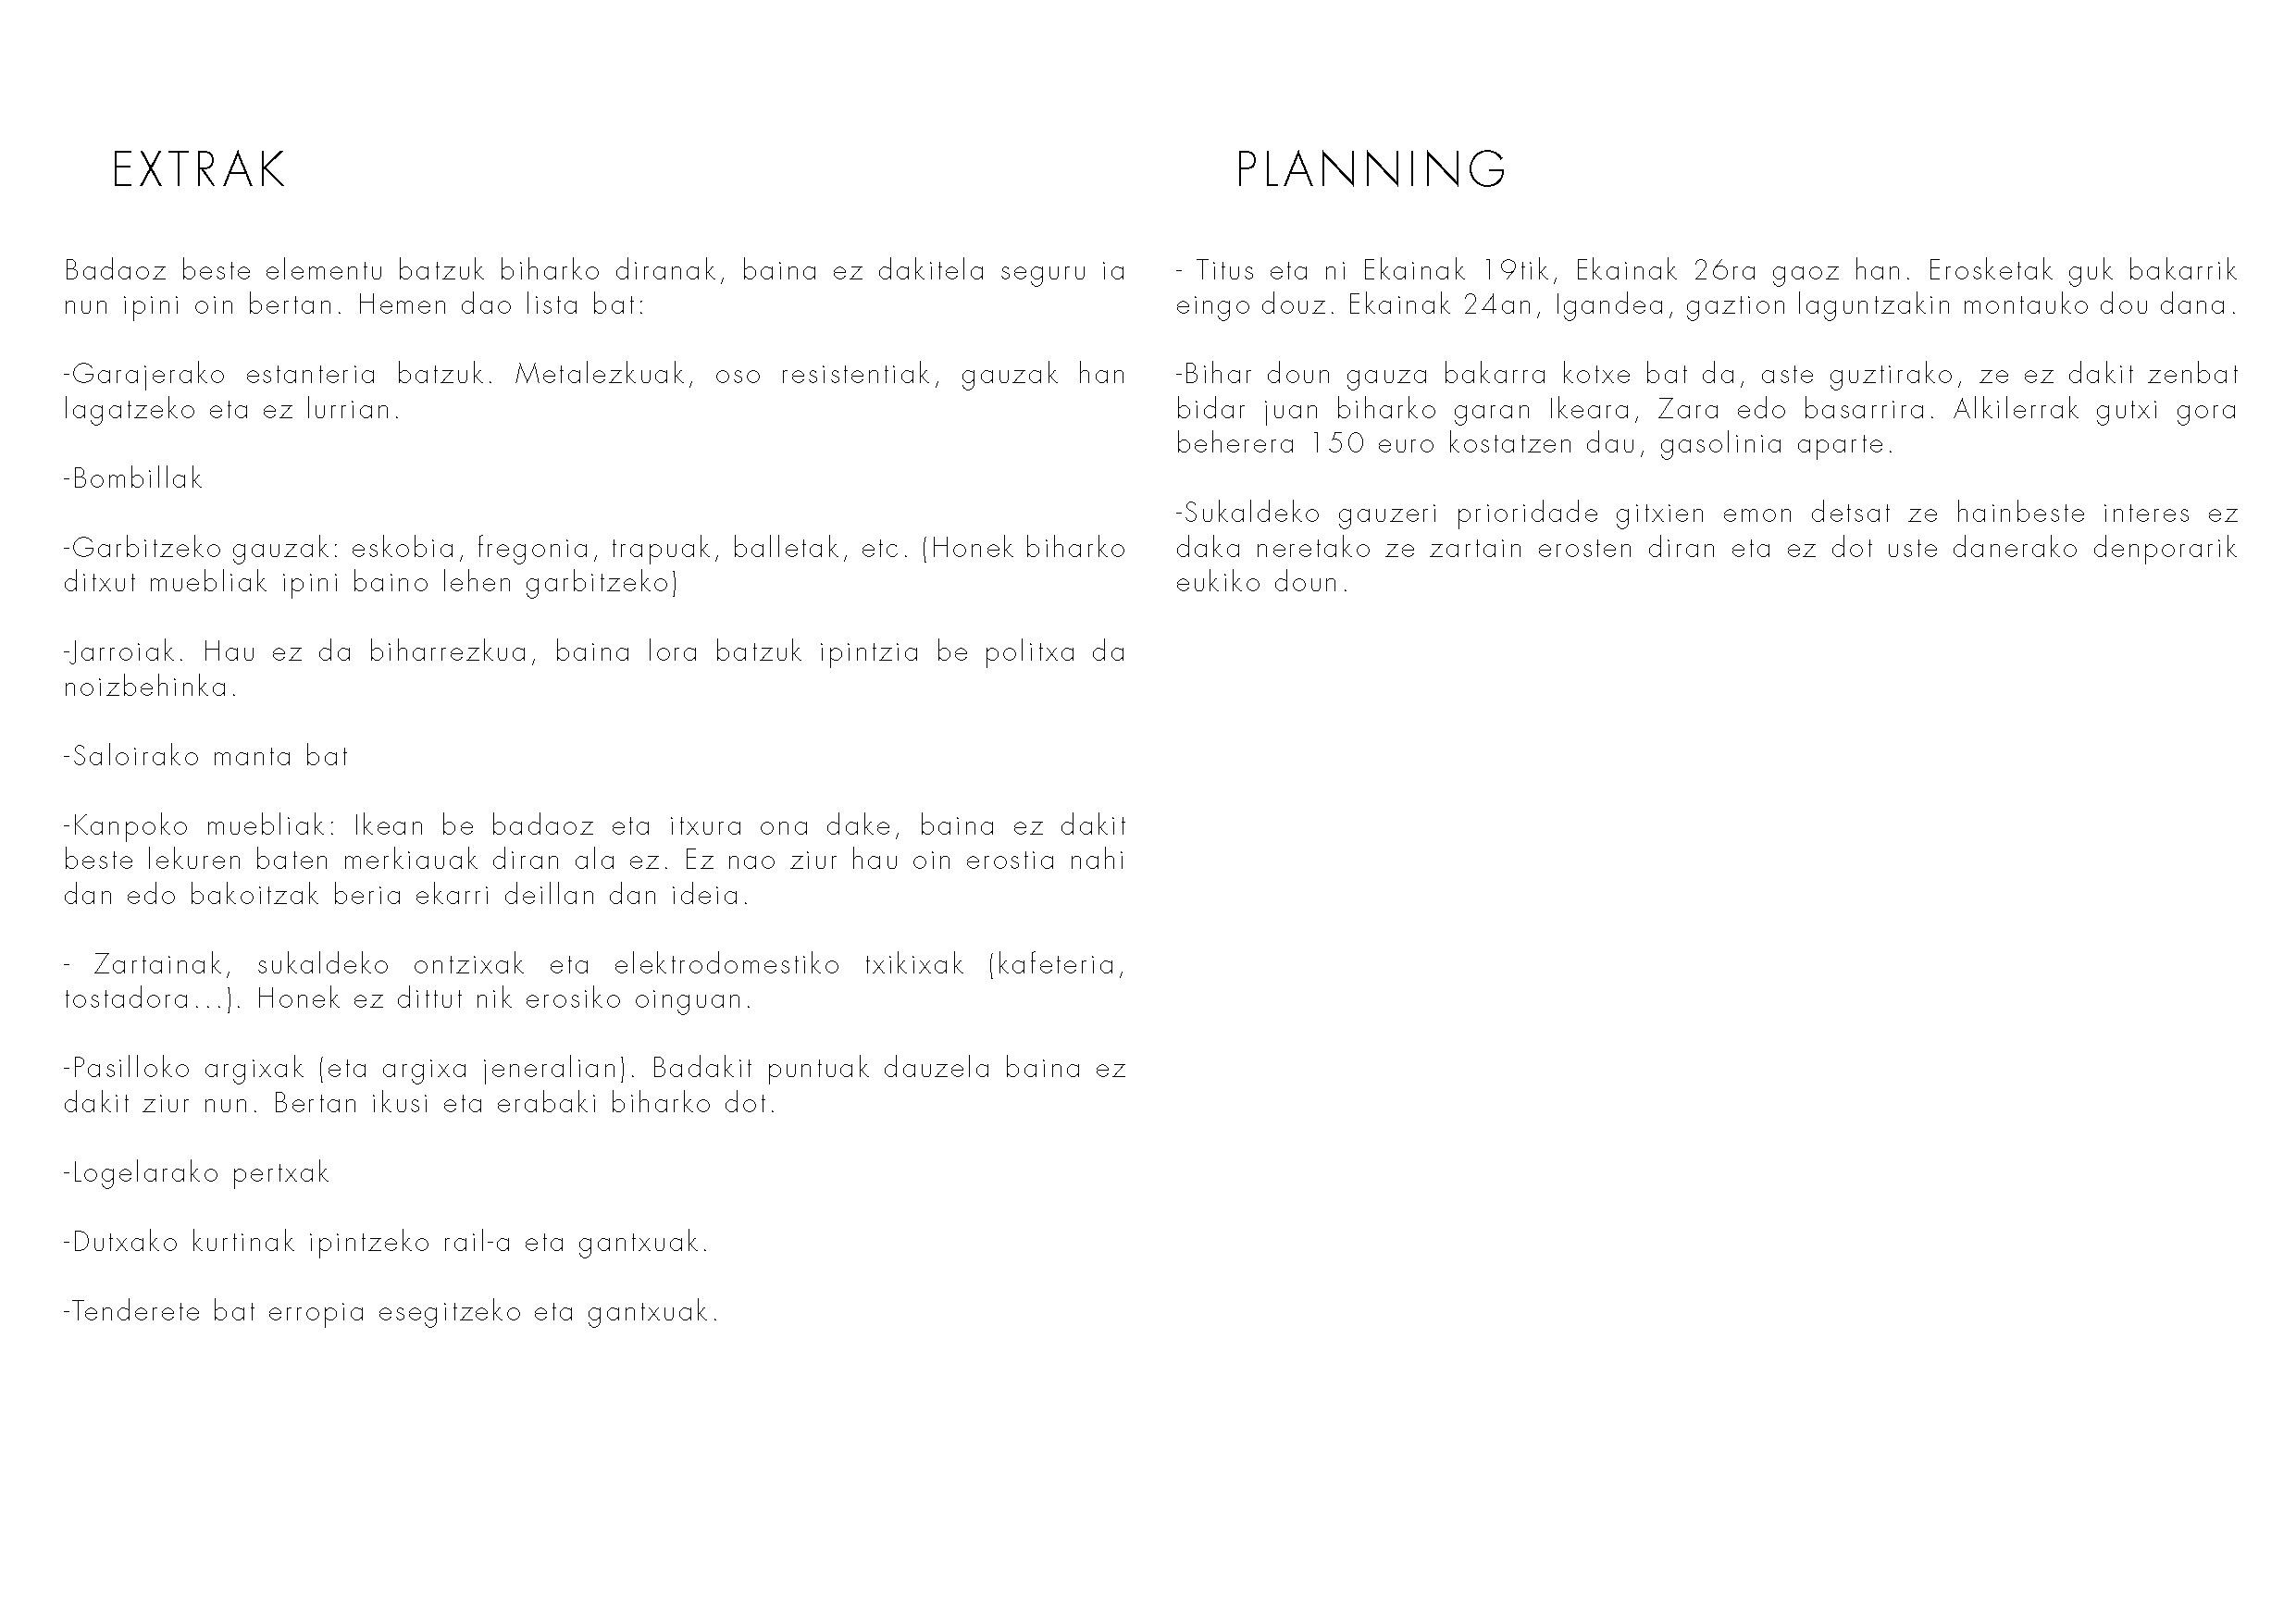 karmengua_Page_11.jpg